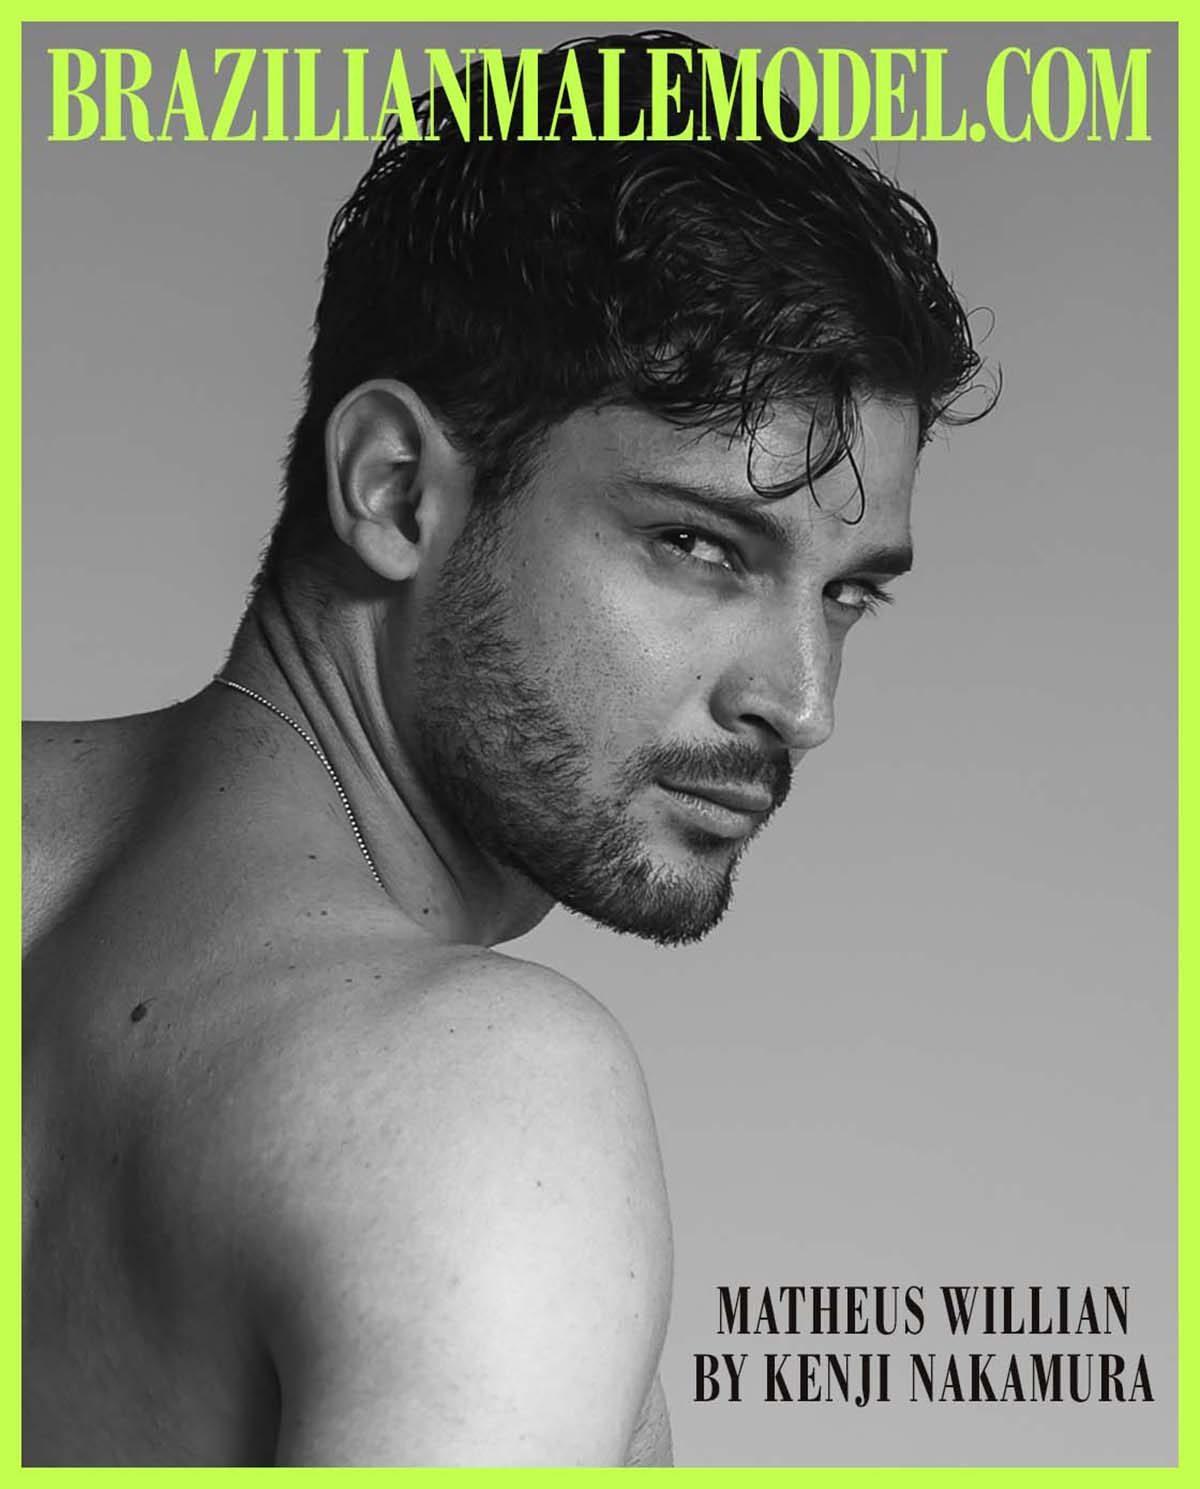 Matheus Willian by Kenji Nakamura